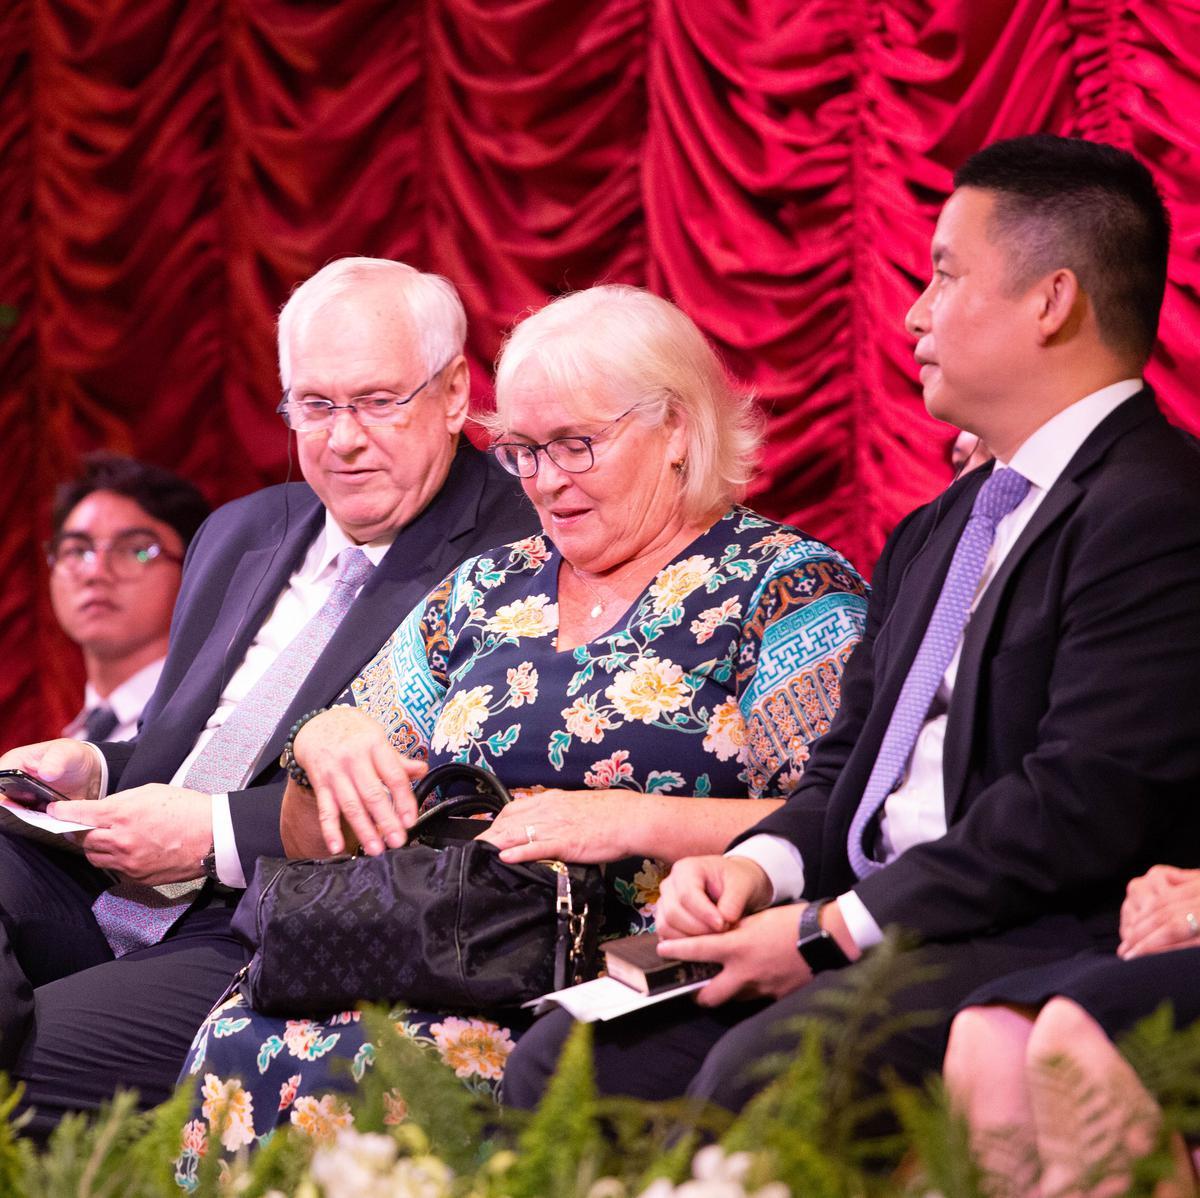 เอ็ลเดอร์เกย์และภรรยาที่การประชุมใหญ่พิเศษสเตคกรุงเทพ ประเทศไทย